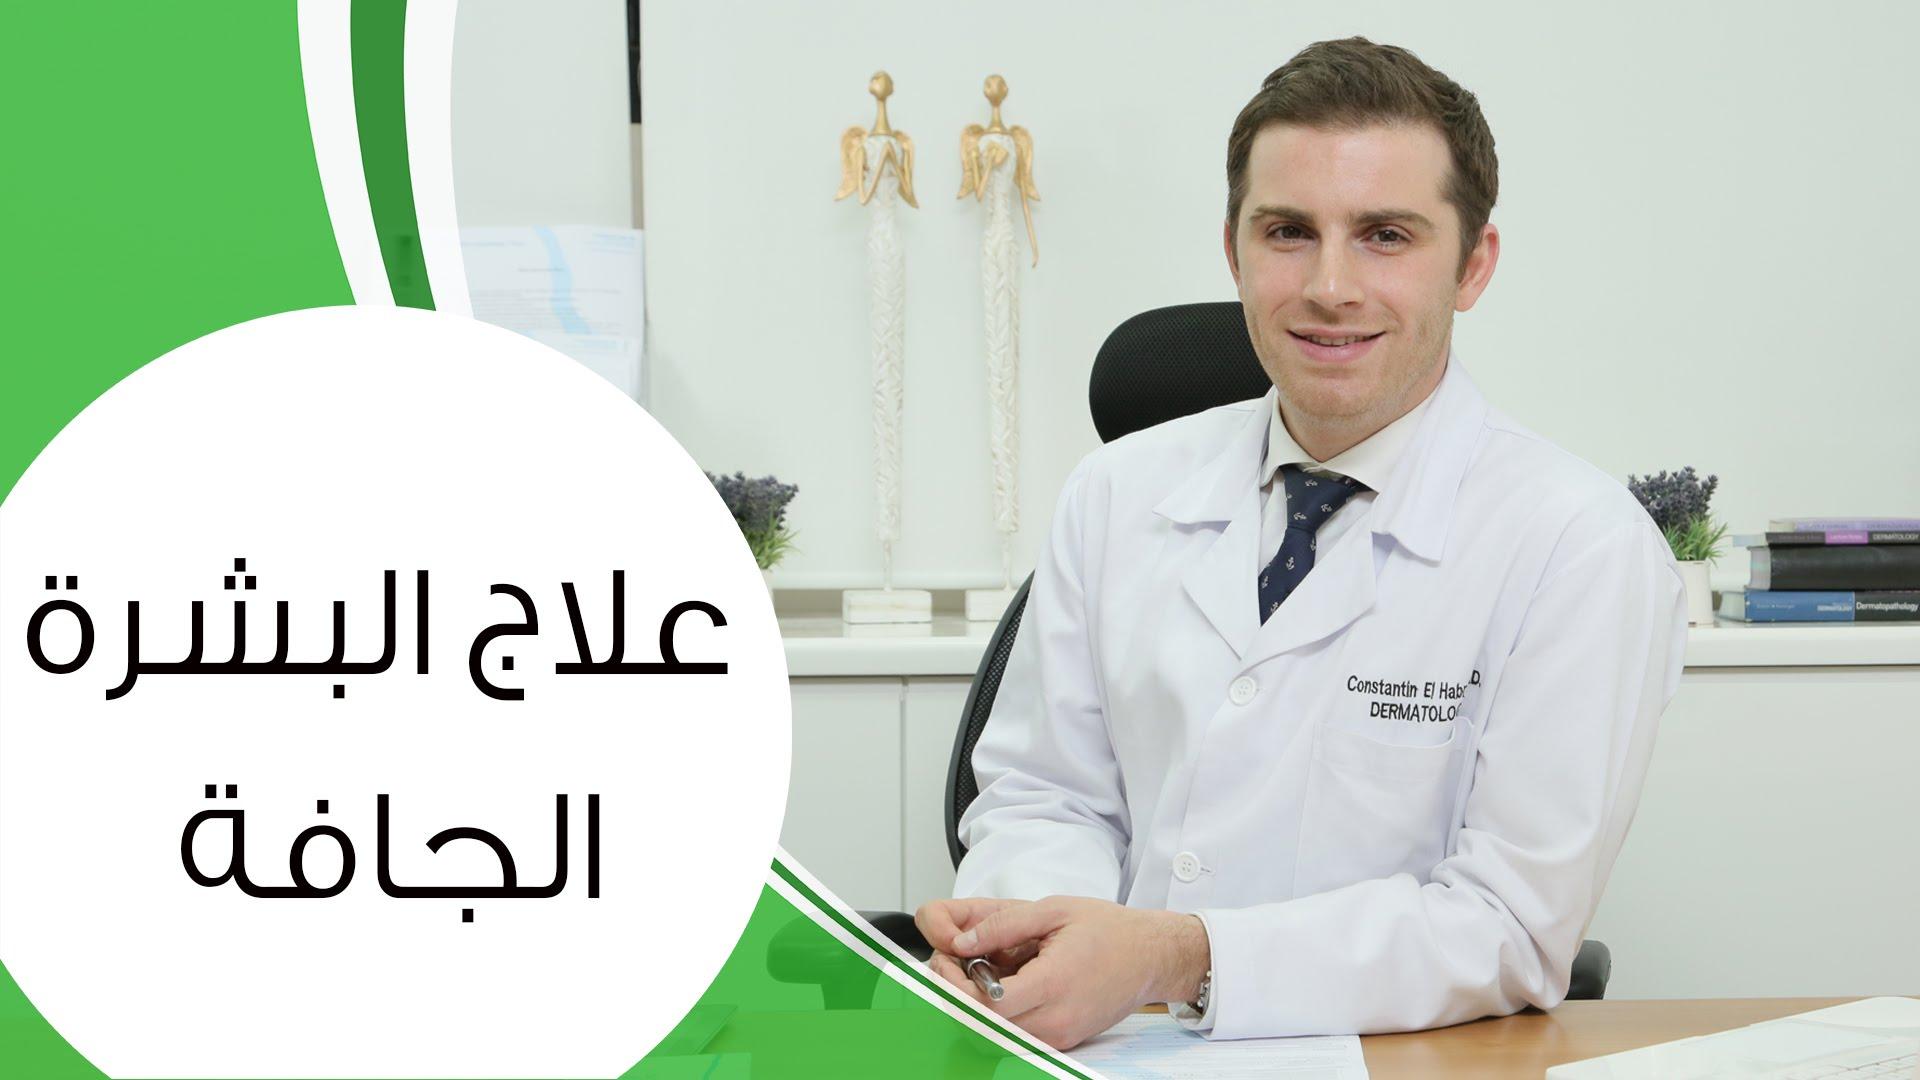 صورة علاج البشرة الجافة , نصائح وادوية للبشرة الجافة